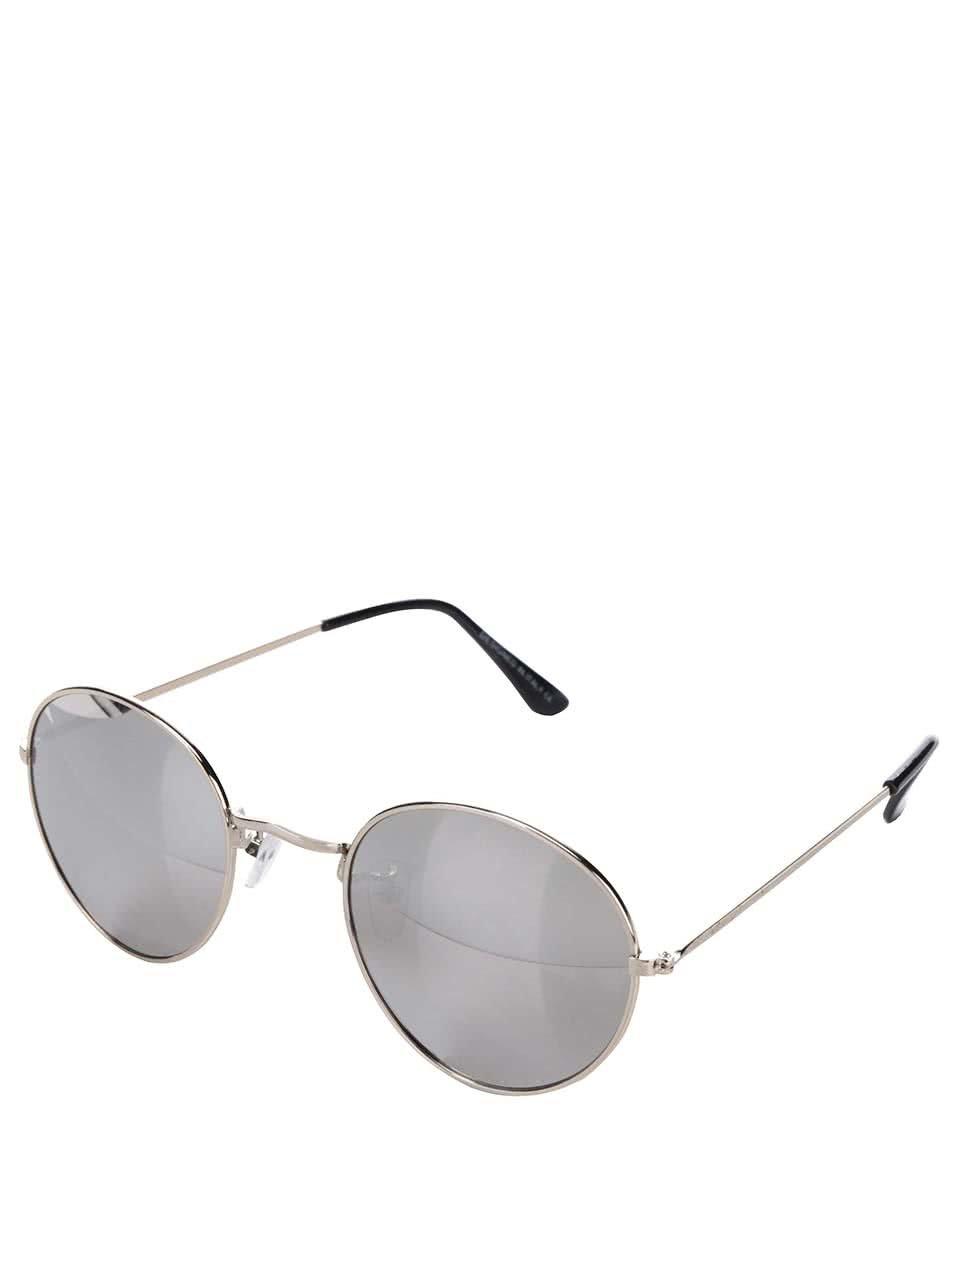 Sluneční brýle s obroučkami ve zlaté barvě a skly ve stříbrné barvě Haily´s Rondie